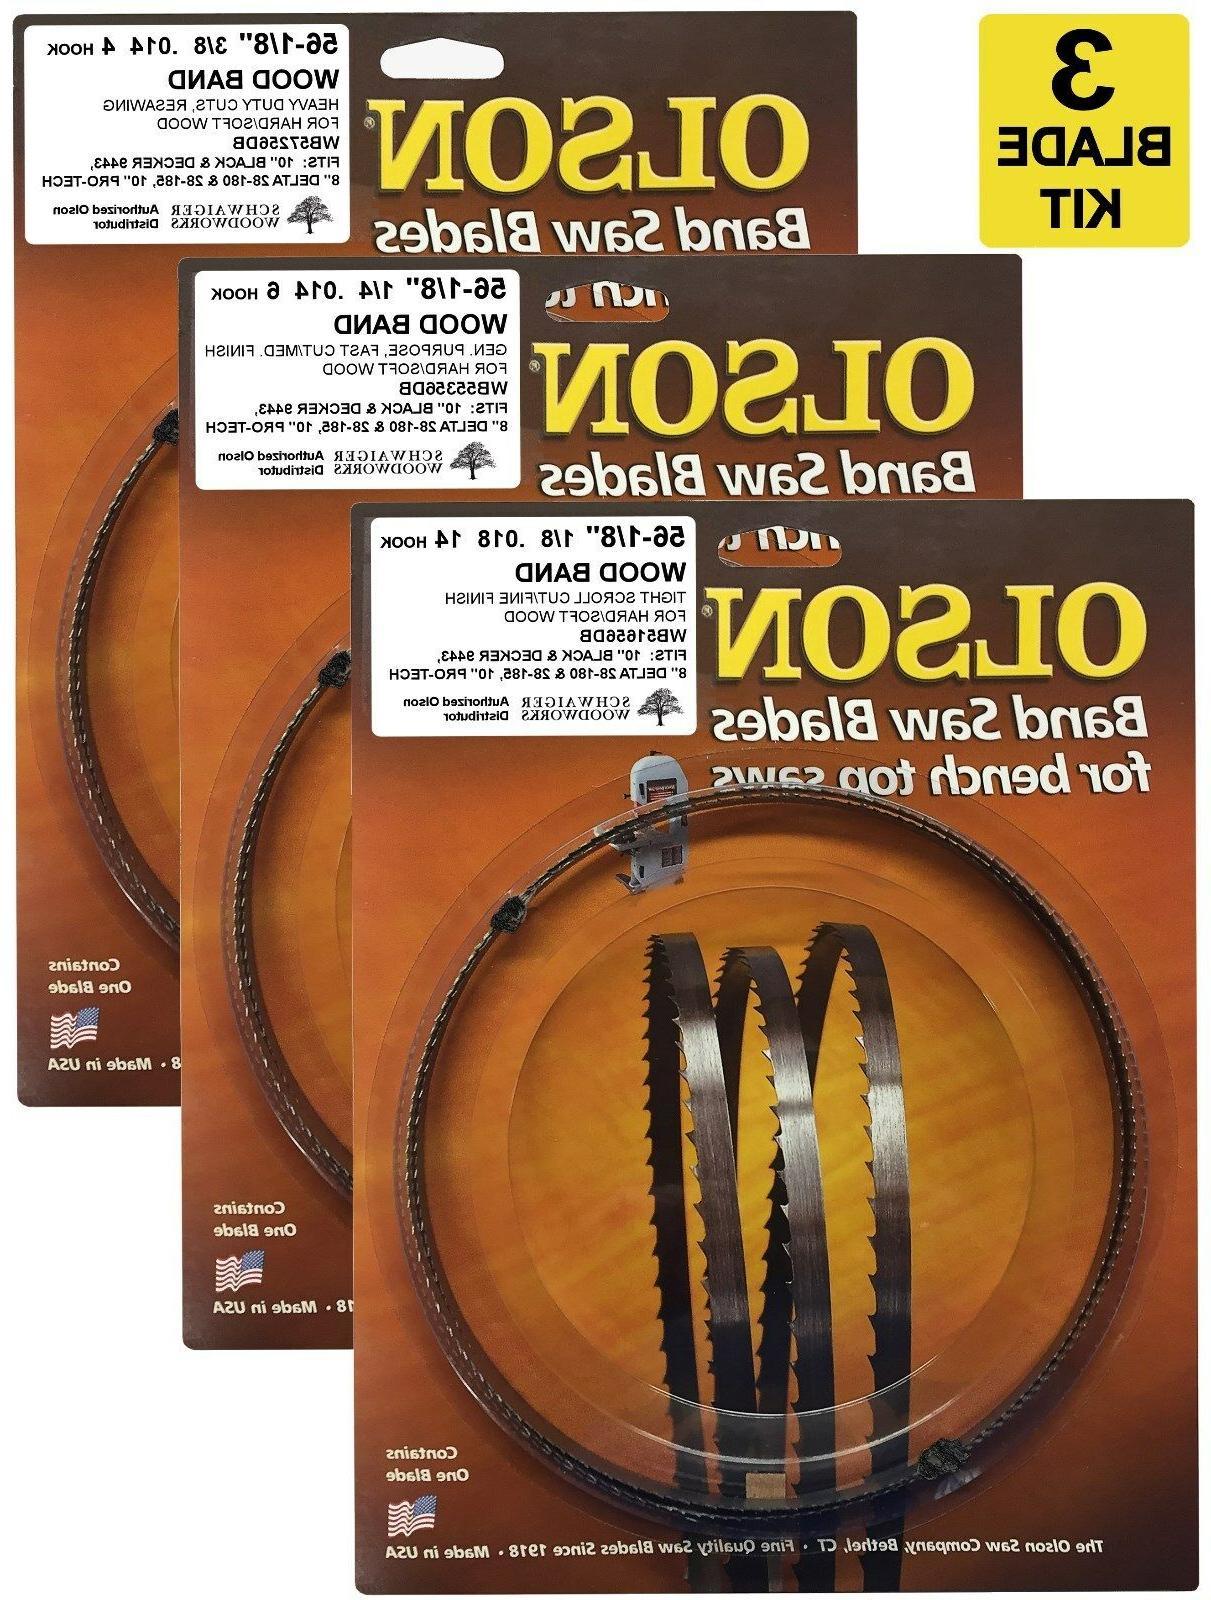 band saw blades 56 1 8 inch